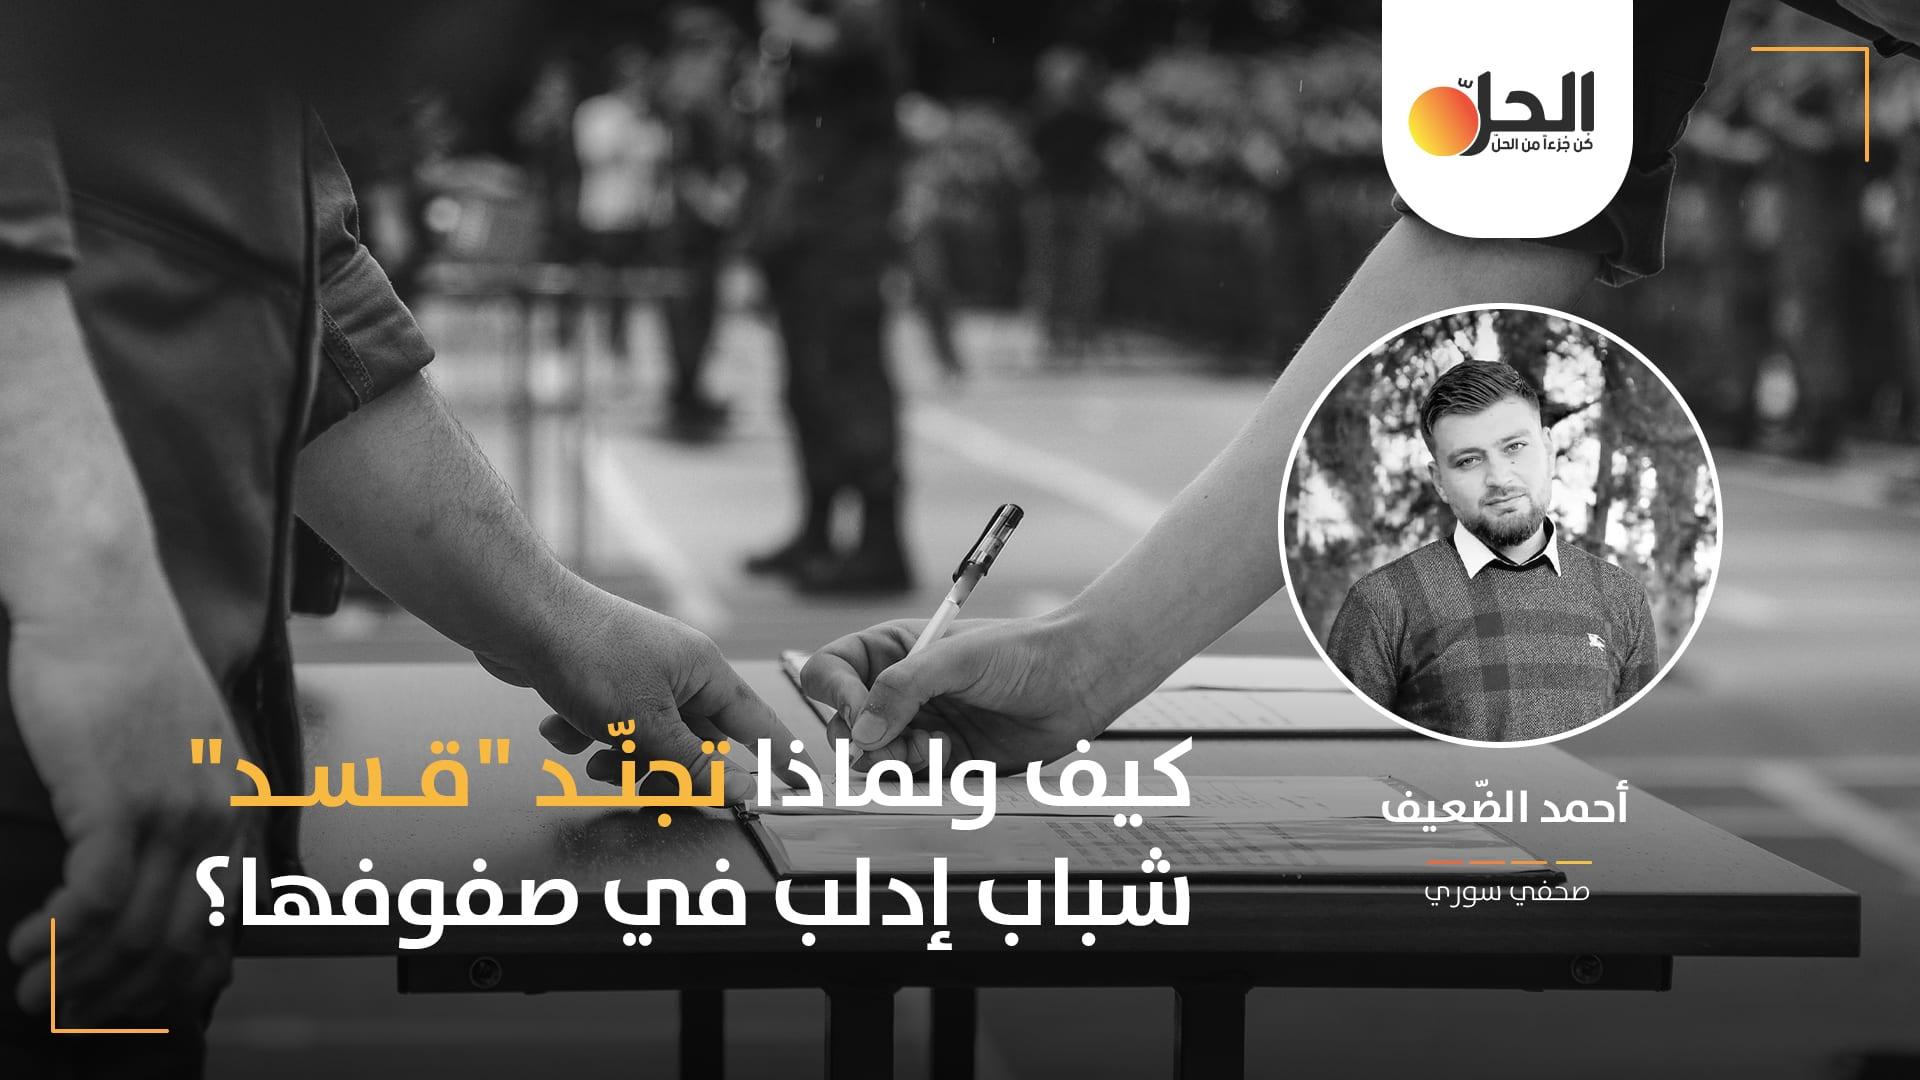 """تشكيلات """"قسد"""" العربية: هل صار """"جيش الثوار"""" بديلاً لمقاتلي فصائل المعارضة في إدلب؟"""